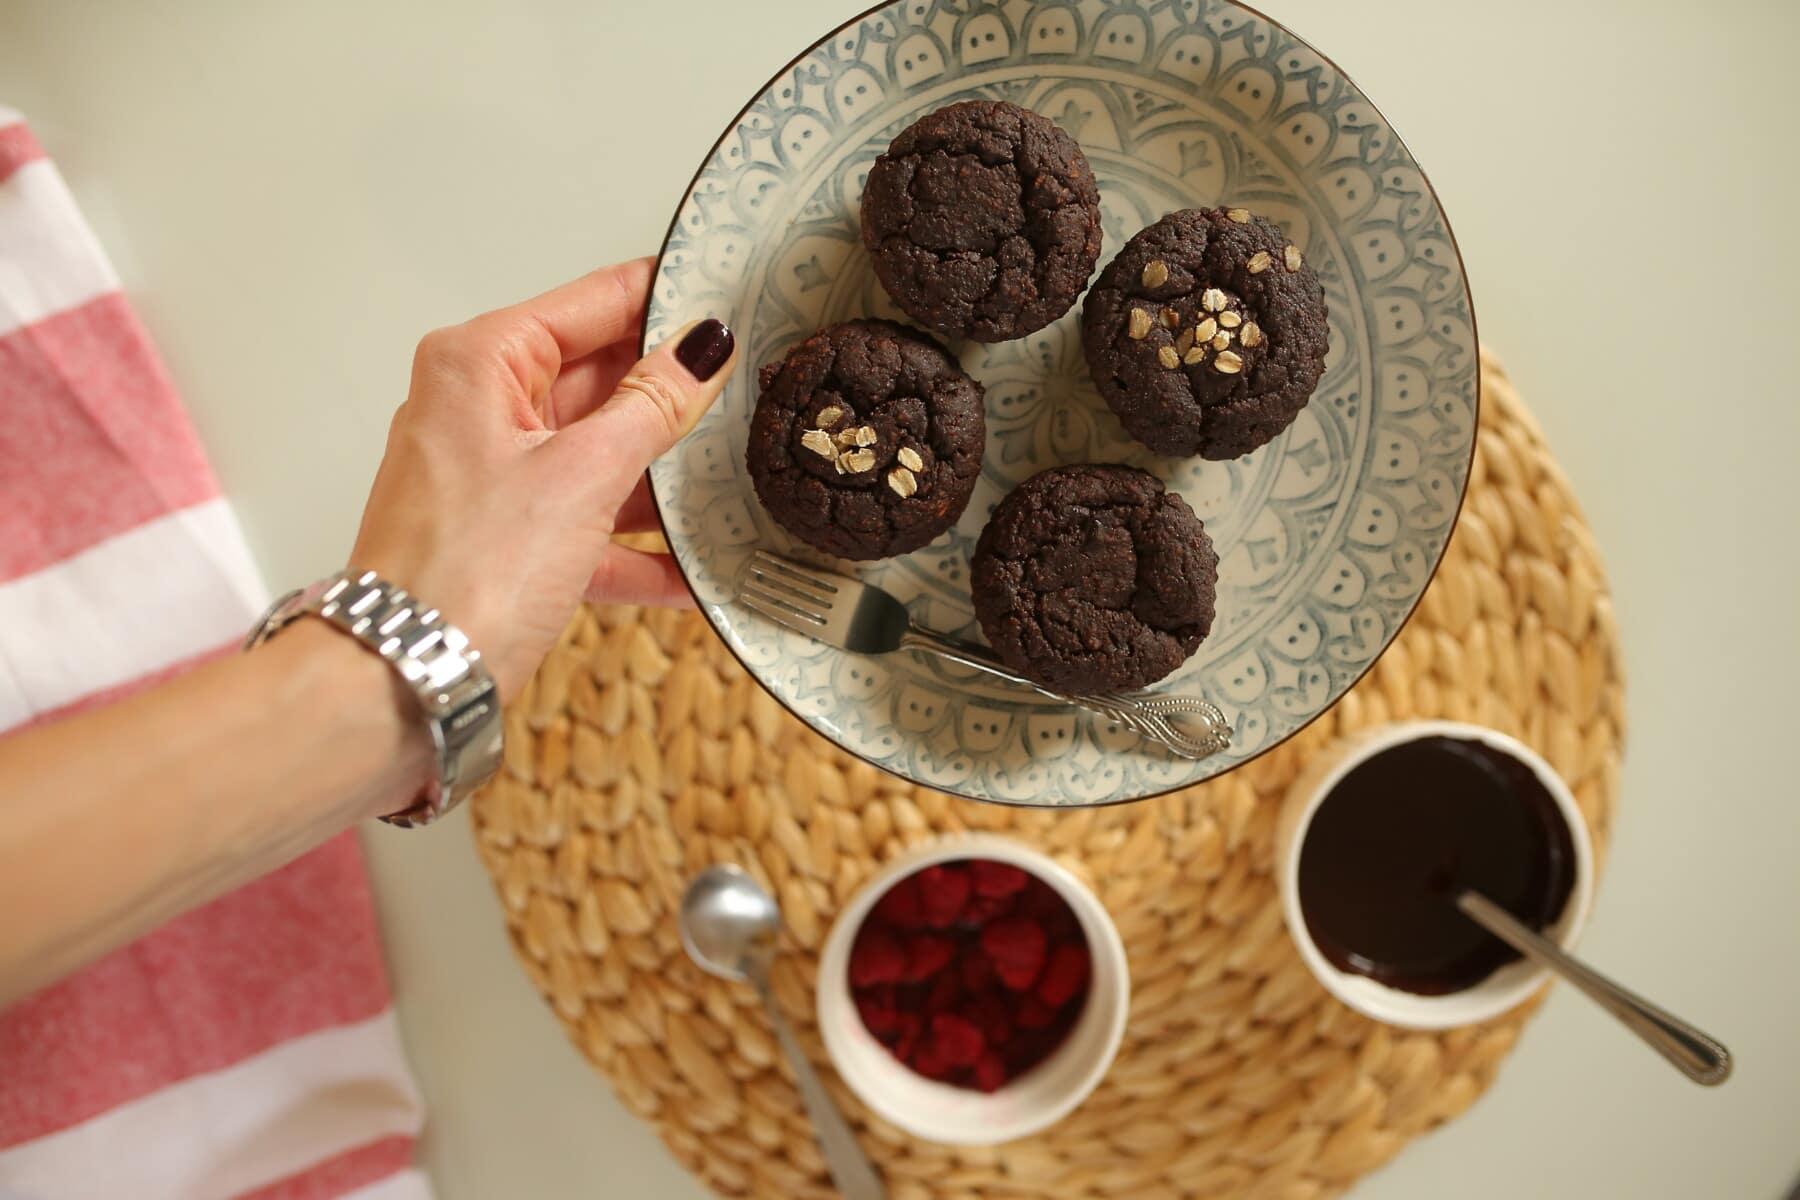 Schokolade, Cupcake, Dunkel, Gericht, Hand, Frühstück, Tasse, Essen, Backen, drinnen